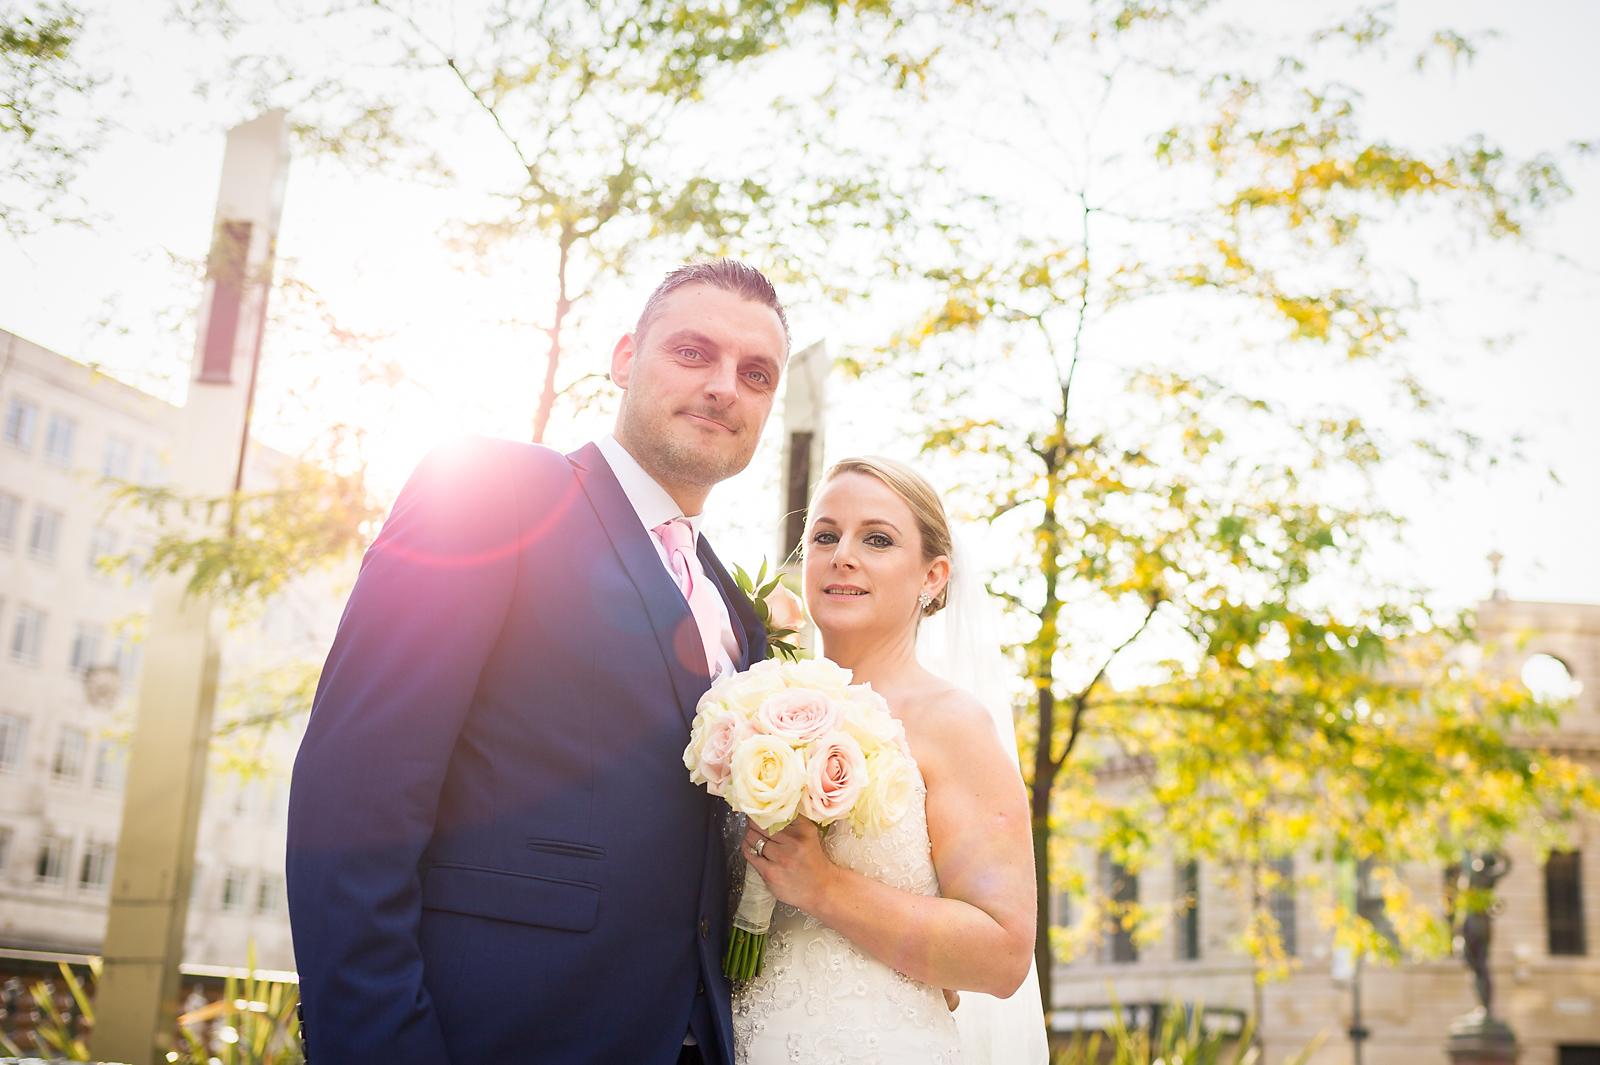 Ste and Pippa website-15.jpg